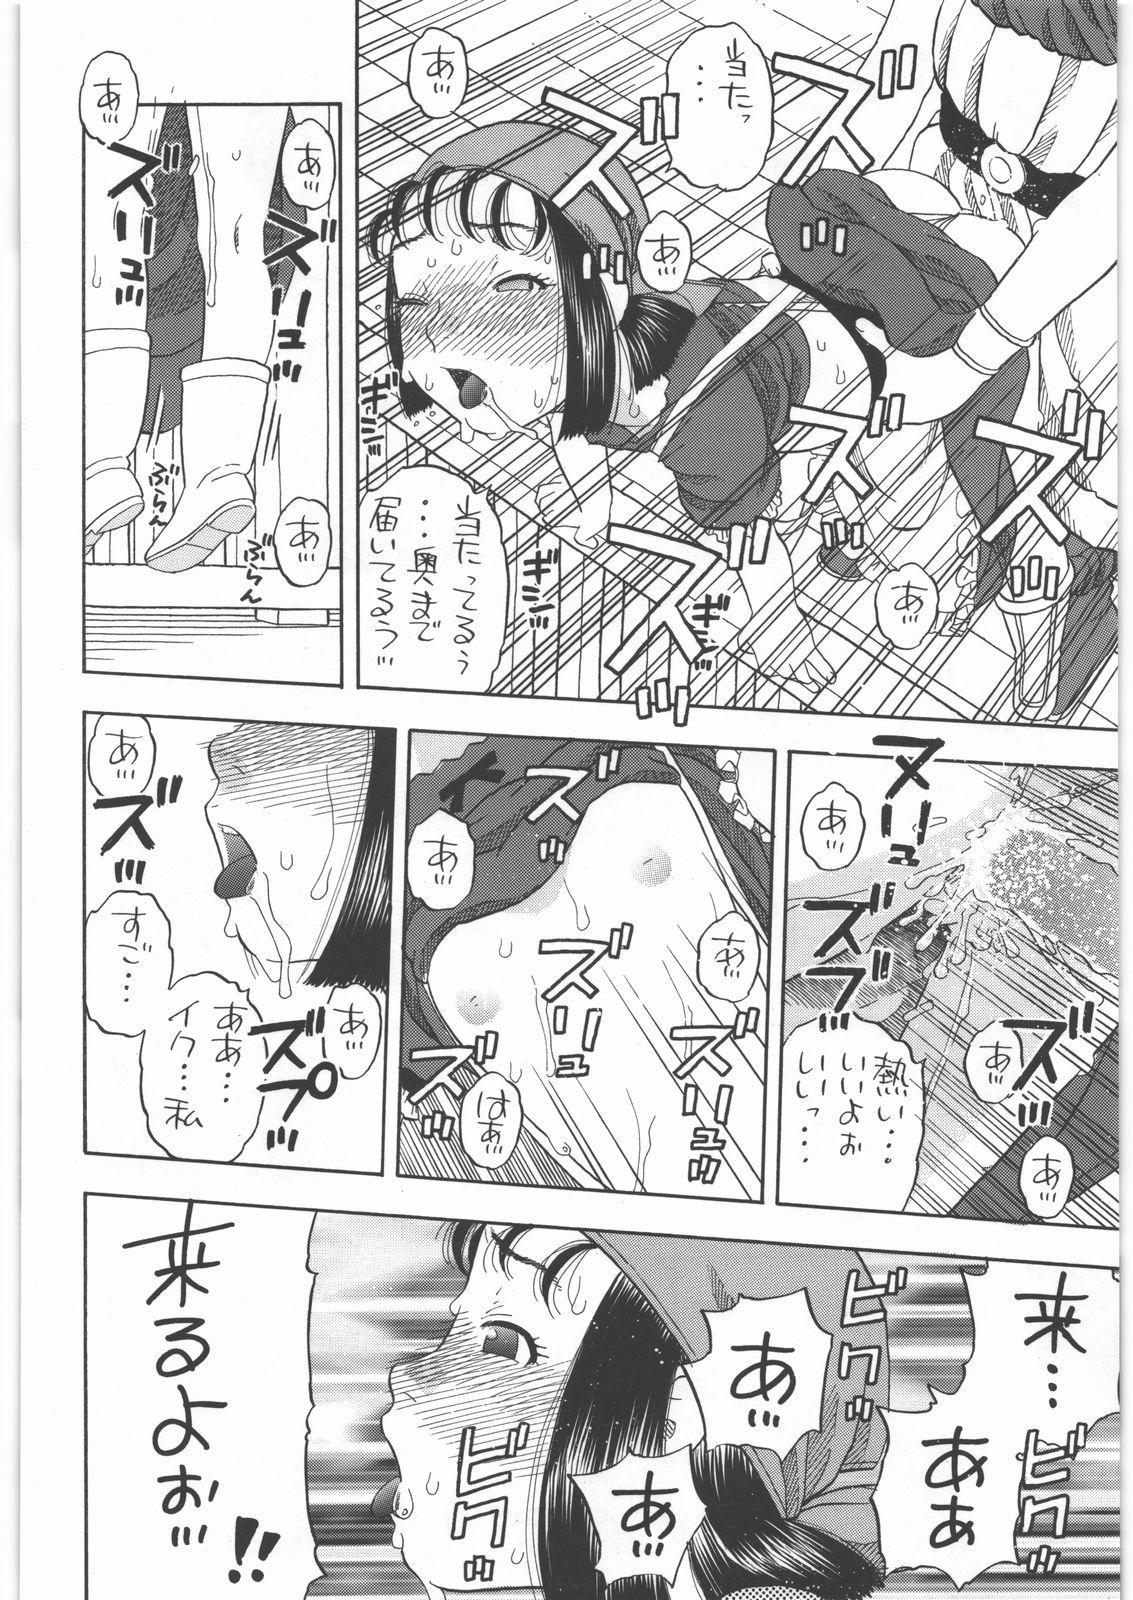 Yadoya no Rikka 20